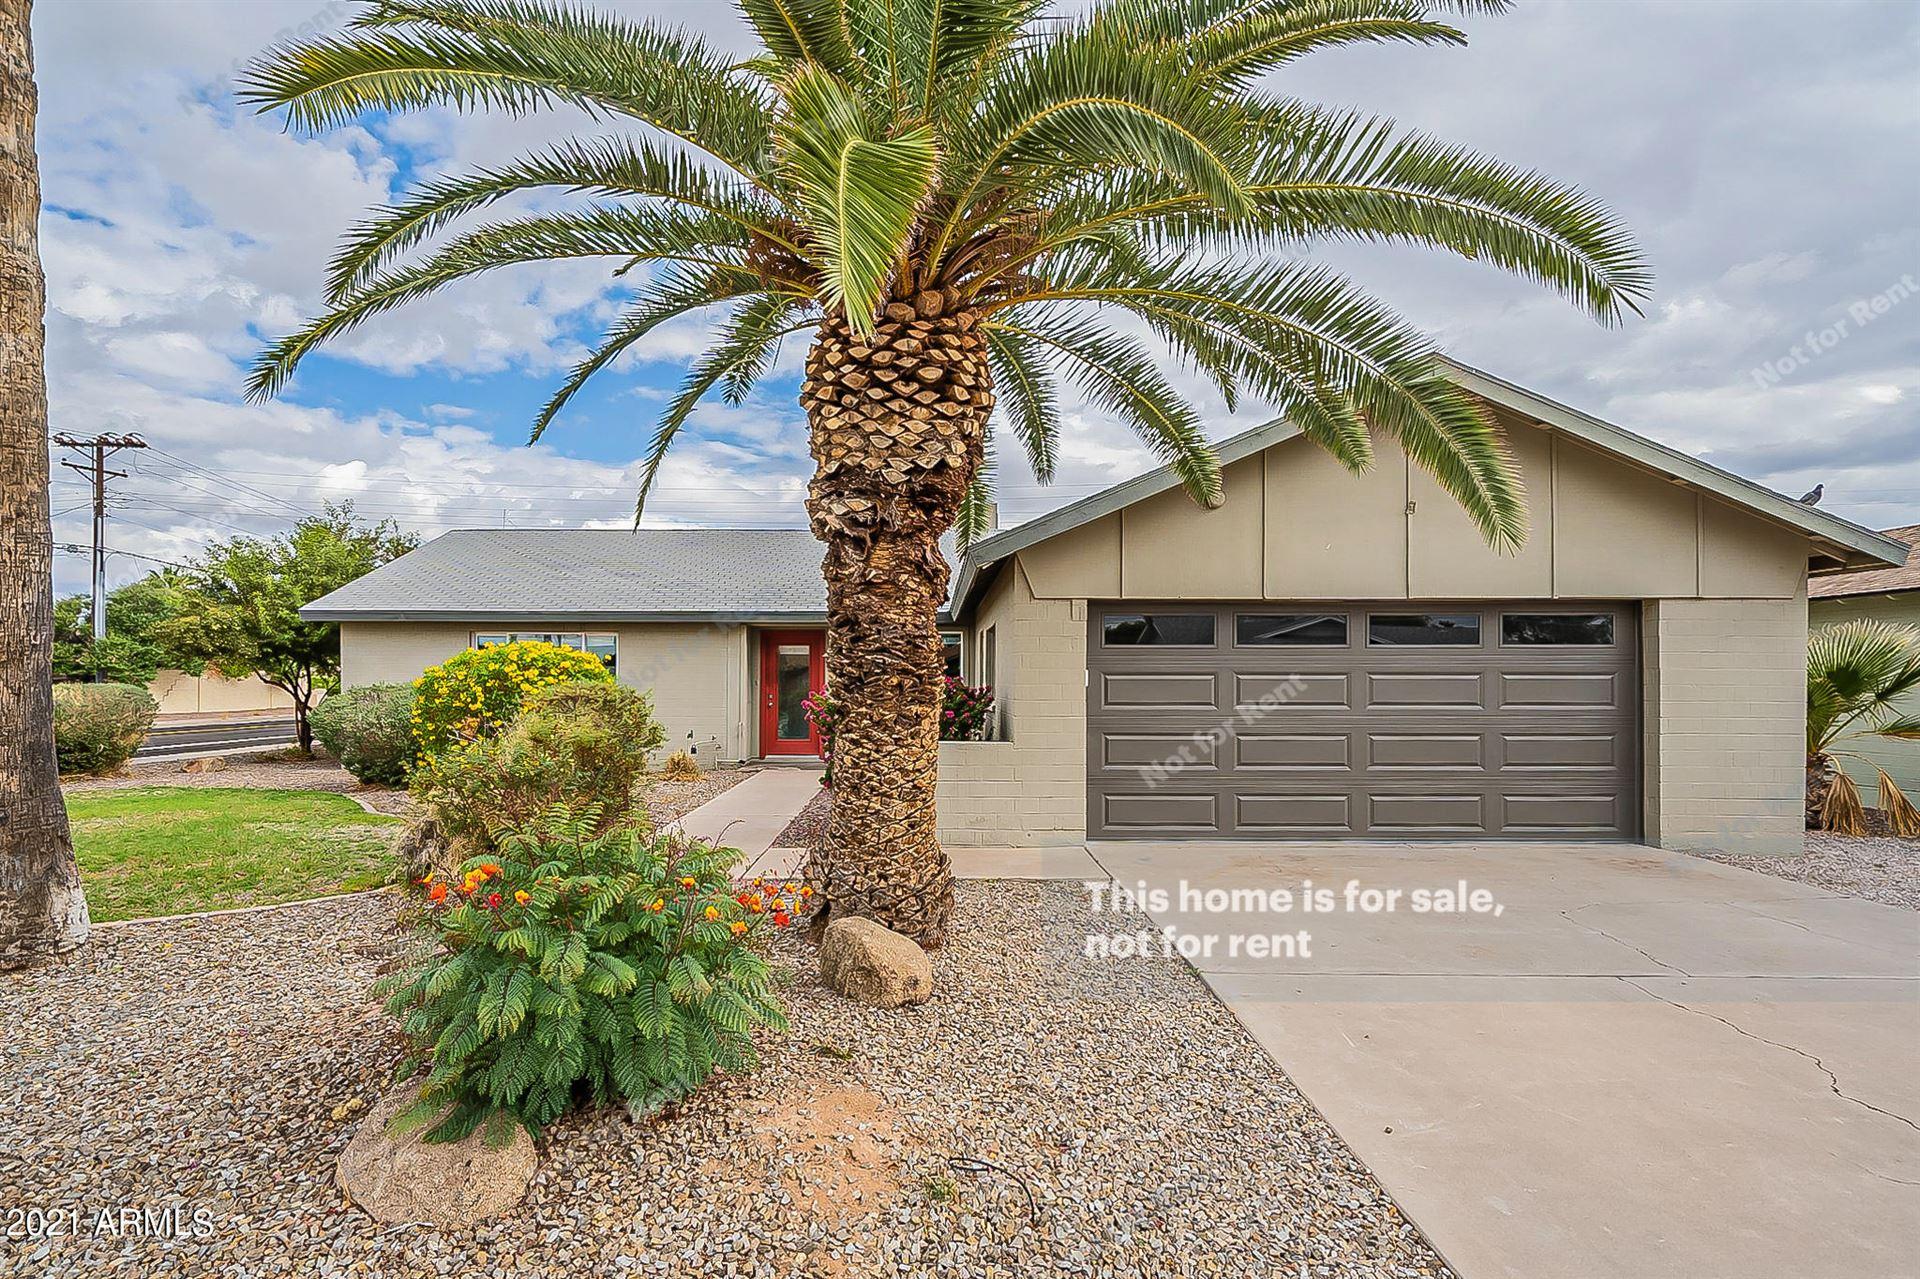 8602 E PLAZA Avenue, Scottsdale, AZ 85250 - MLS#: 6227626